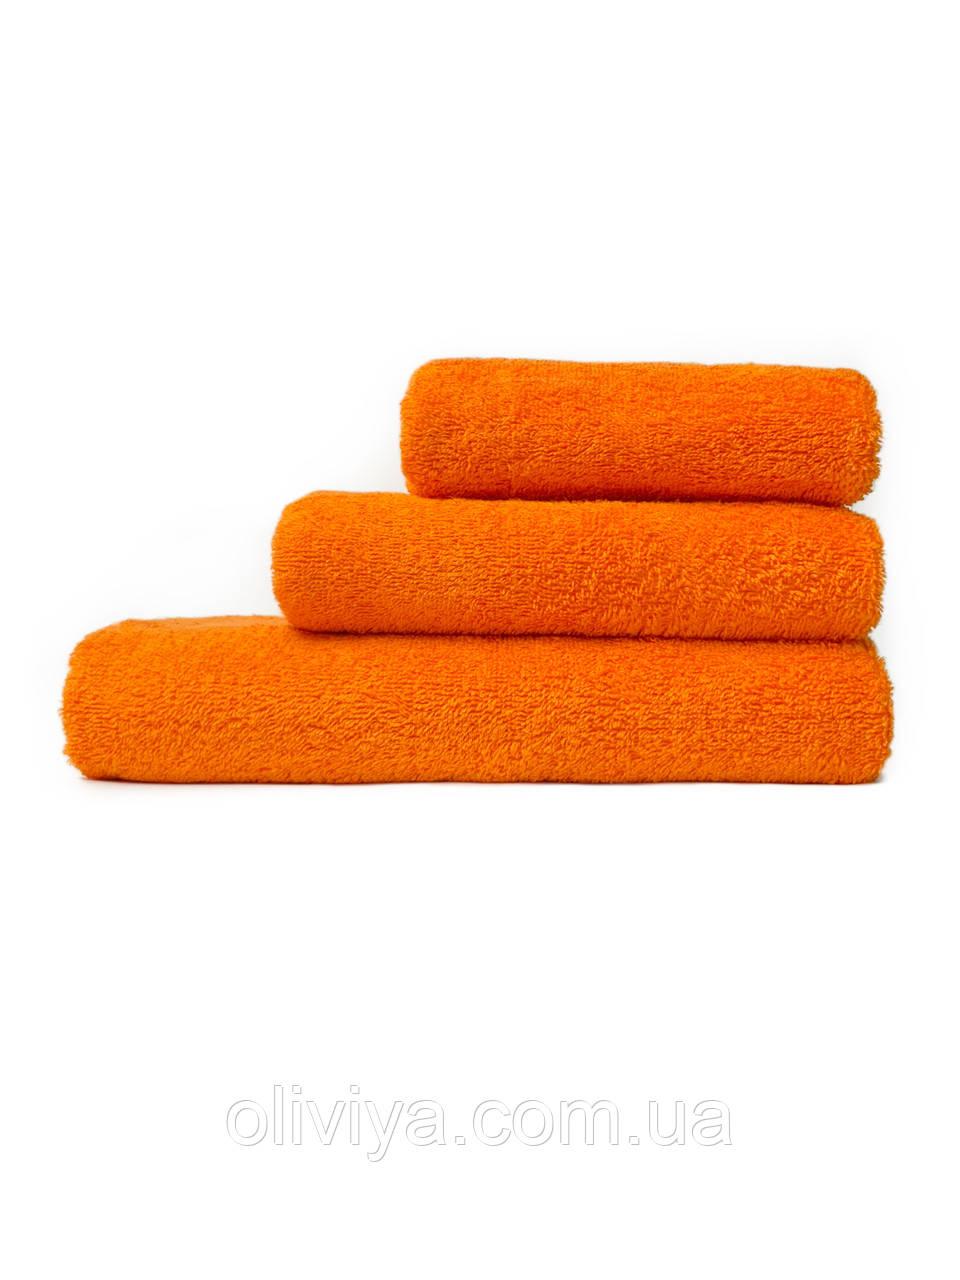 Набір махрових рушників помаранчевий